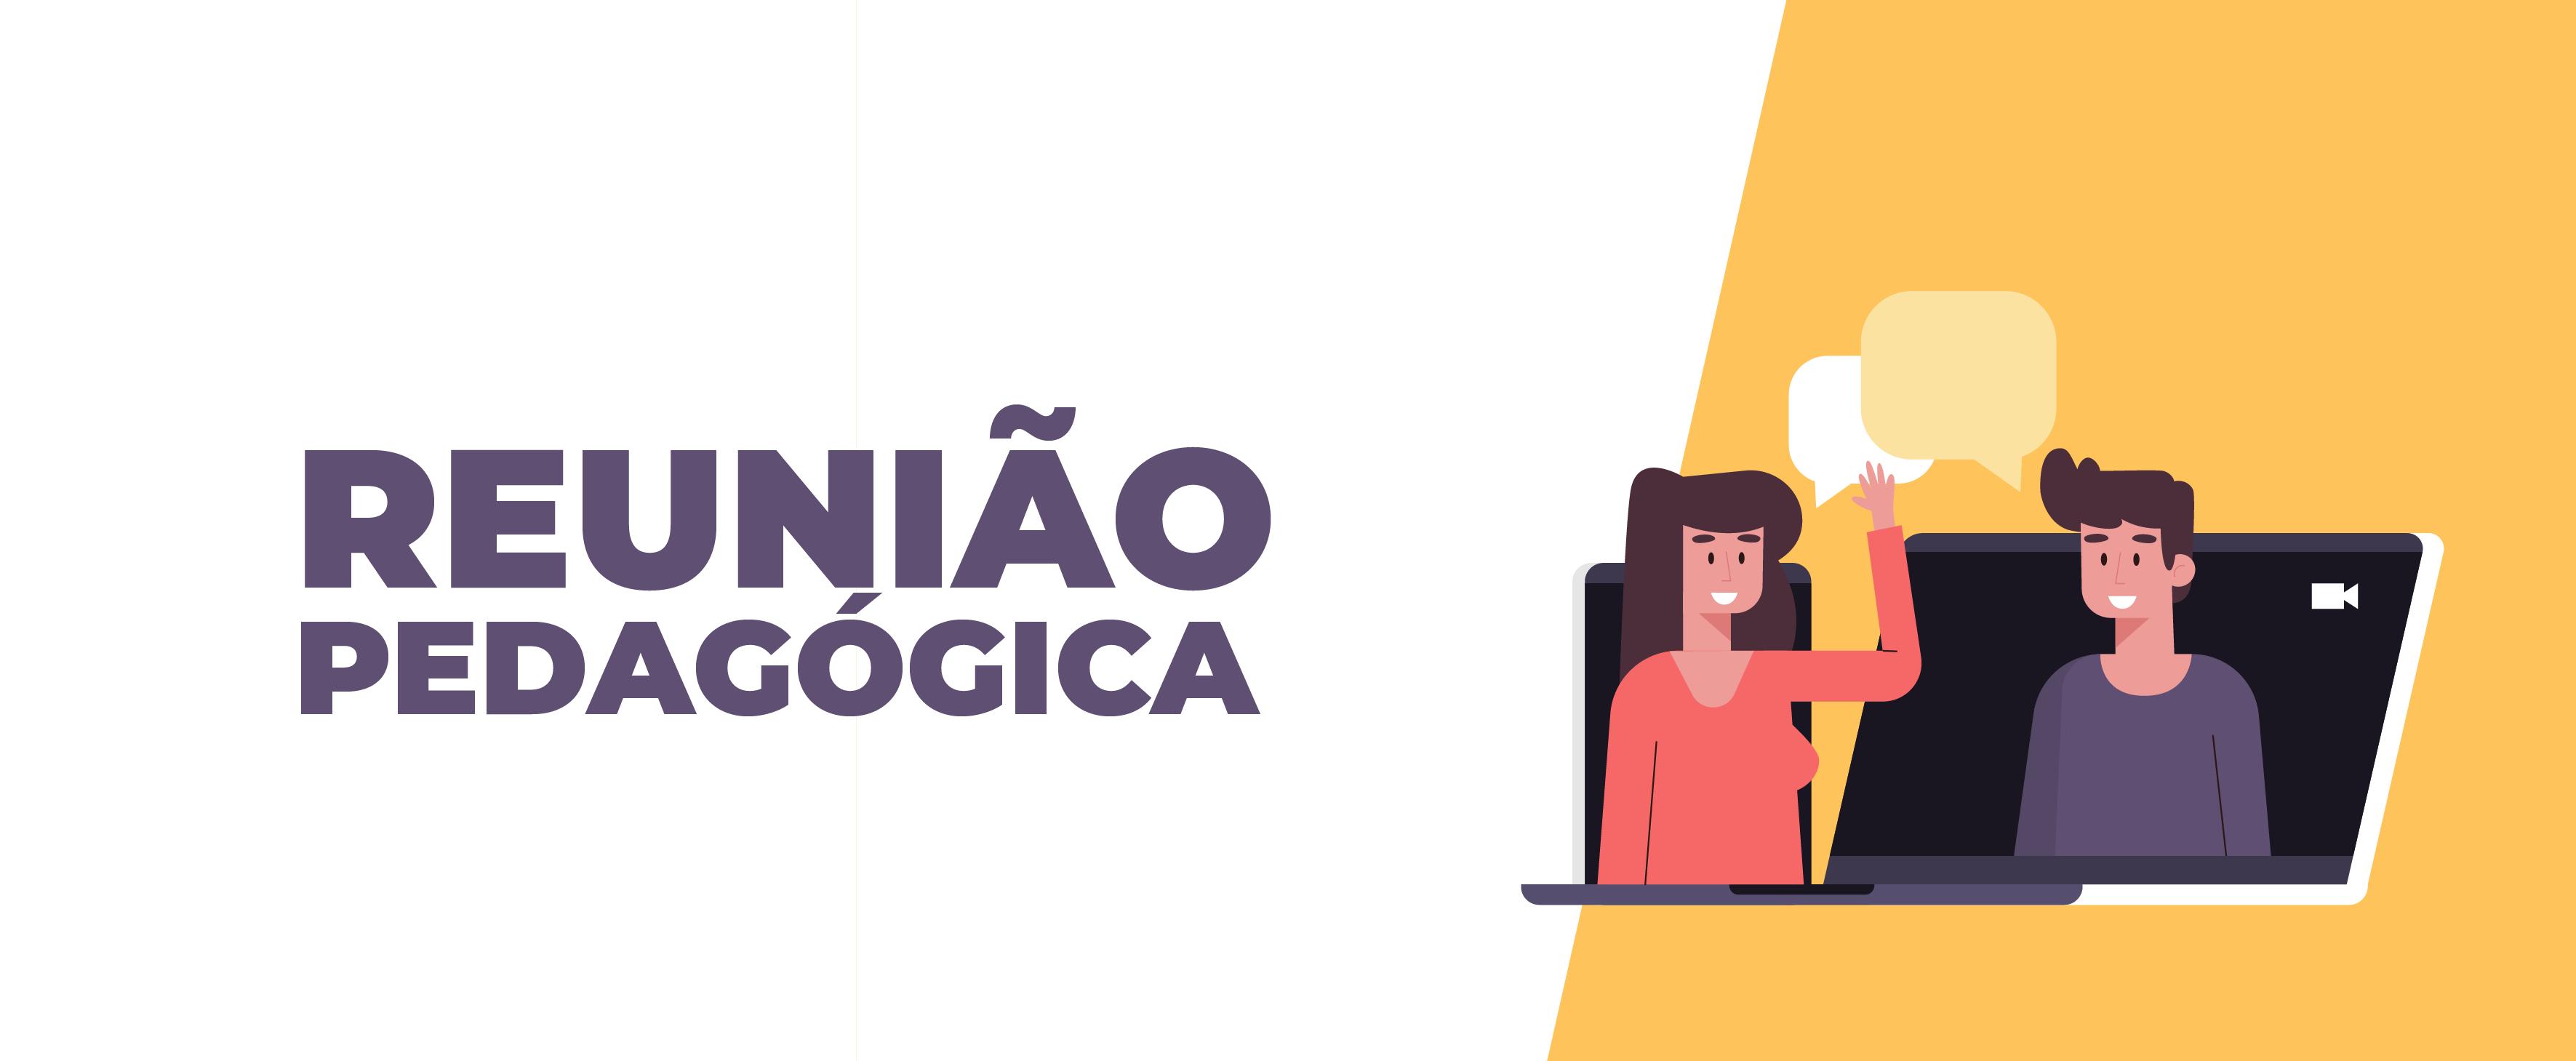 reunião pedagógica brasília-01